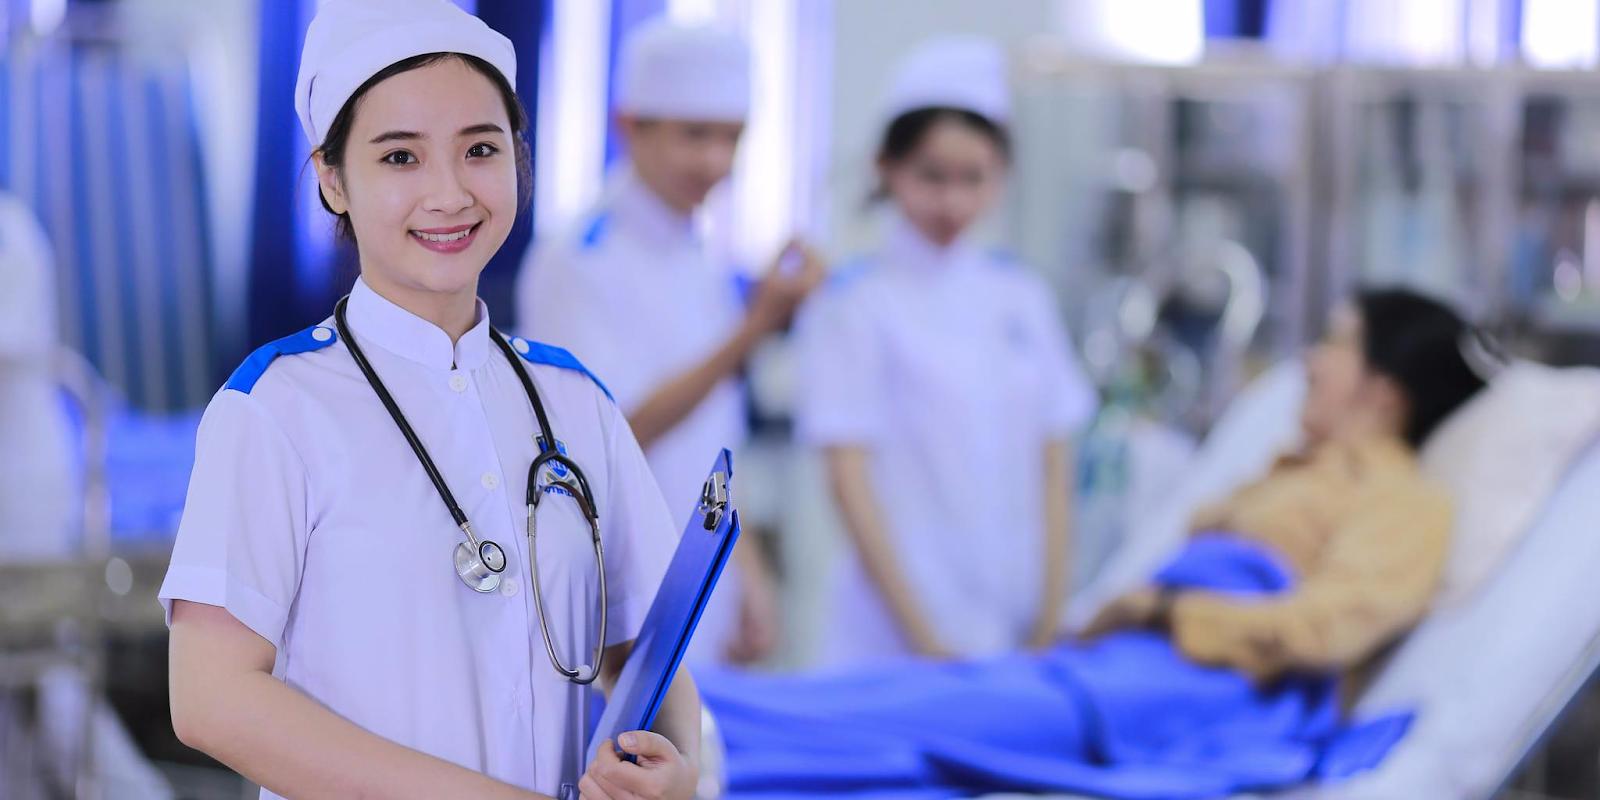 Ngày càng nhiều người học điều dưỡng ở Việt Nam vì độ hot của ngành này